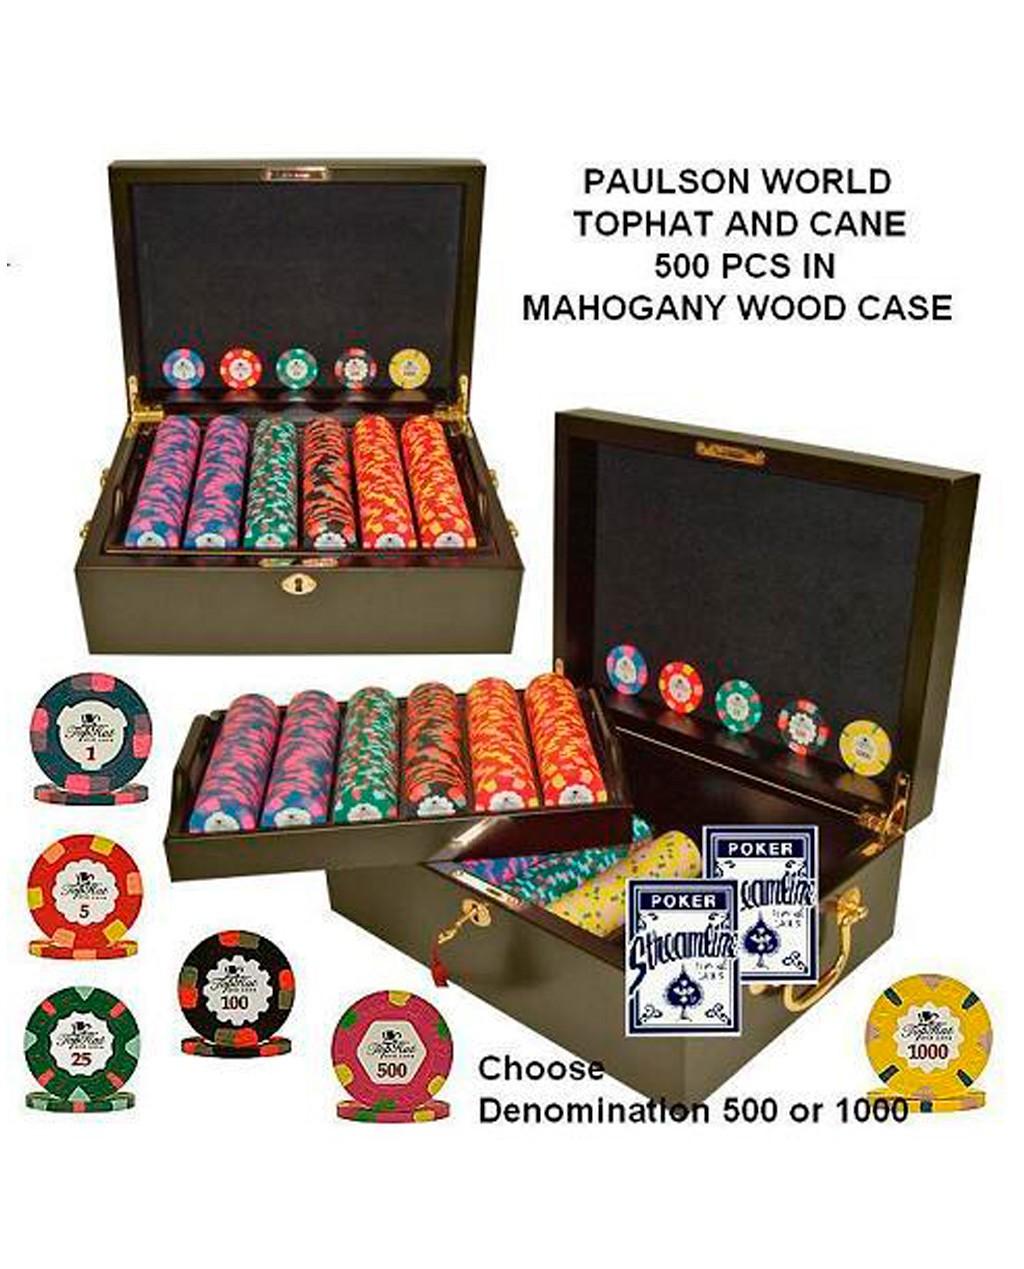 500 10g Paulson World Top Hat and Cane Mahogany